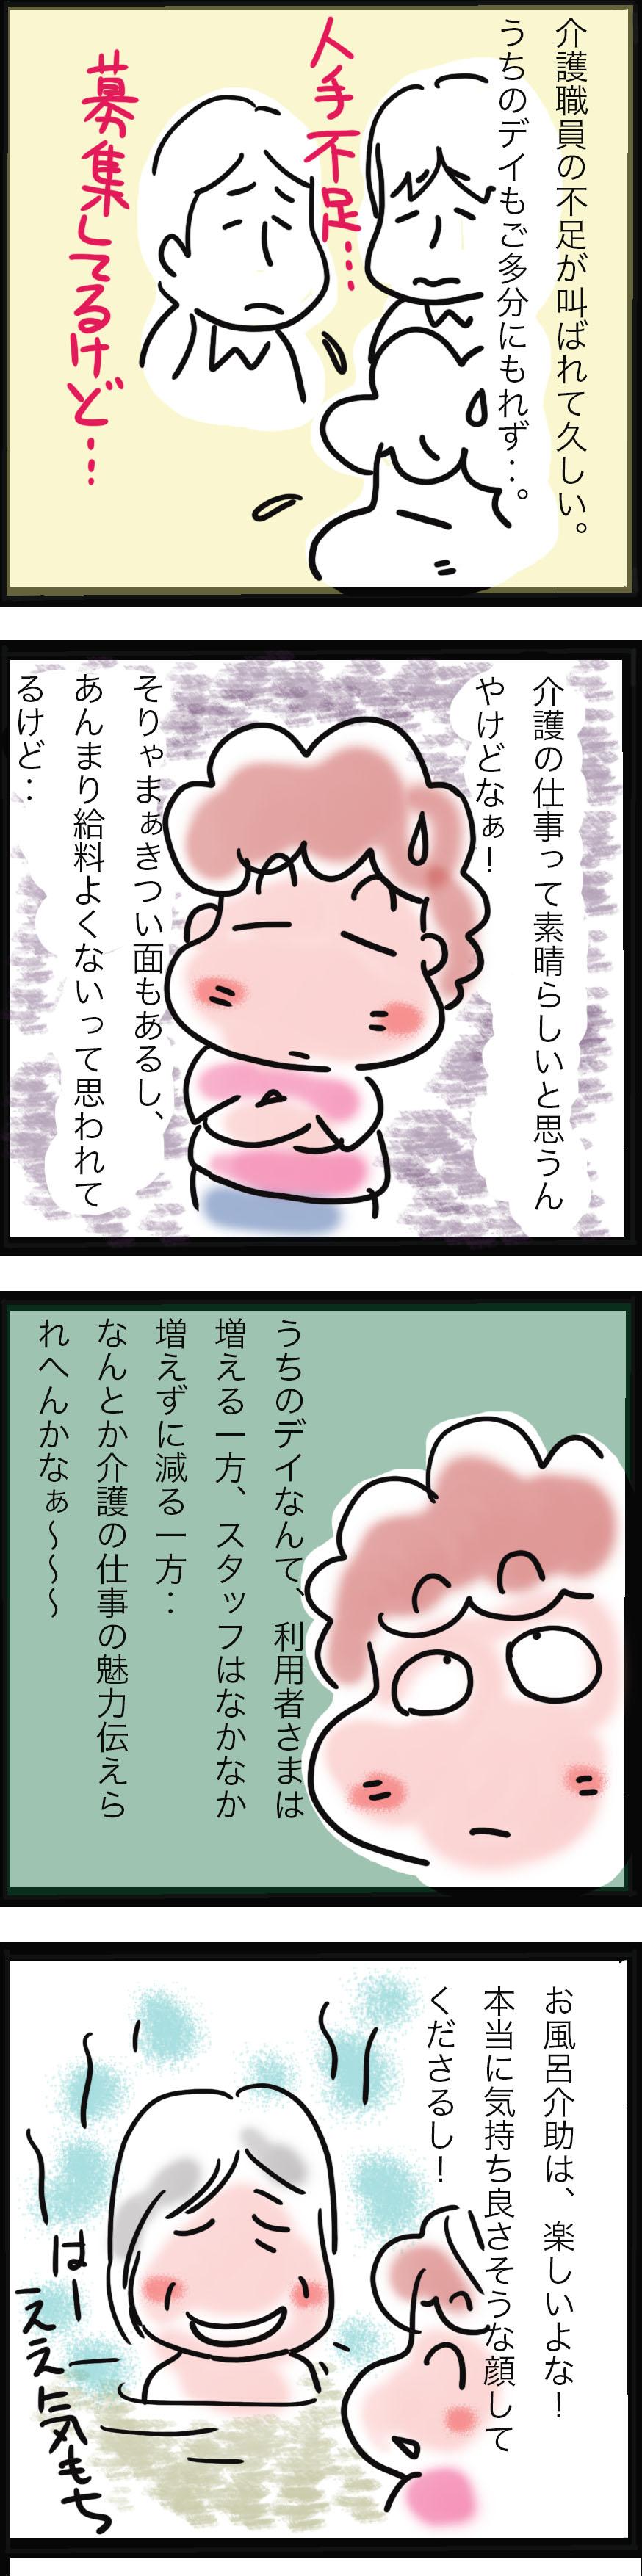 介護職不足に思うこと1.jpg